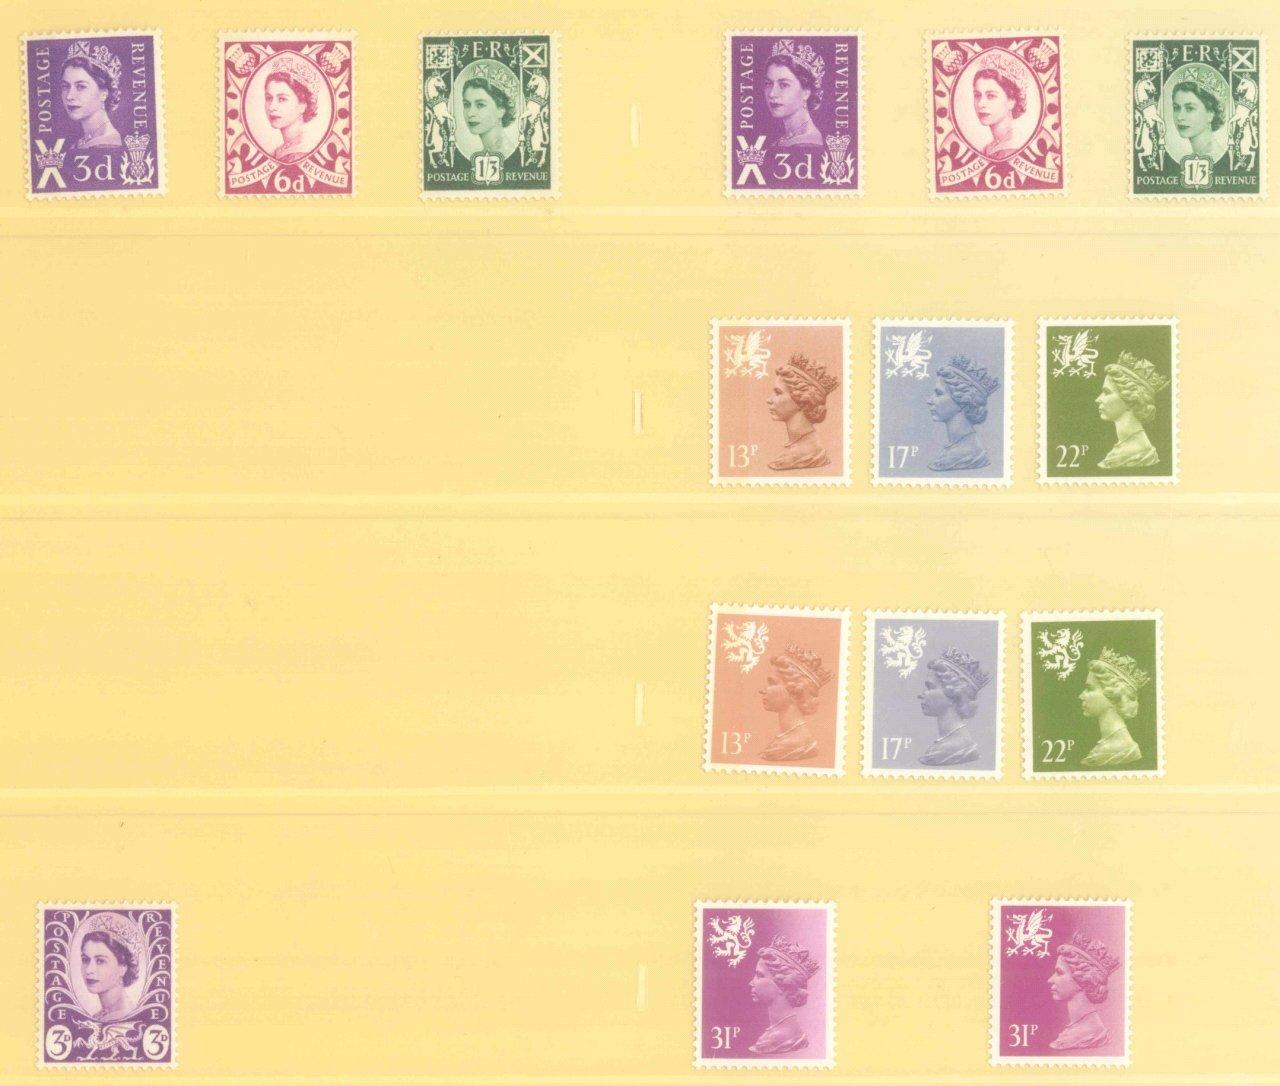 GROSSBRITANNIEN 1967-1985, NOMINALE: 82,- BRITISCHE PFUND-13